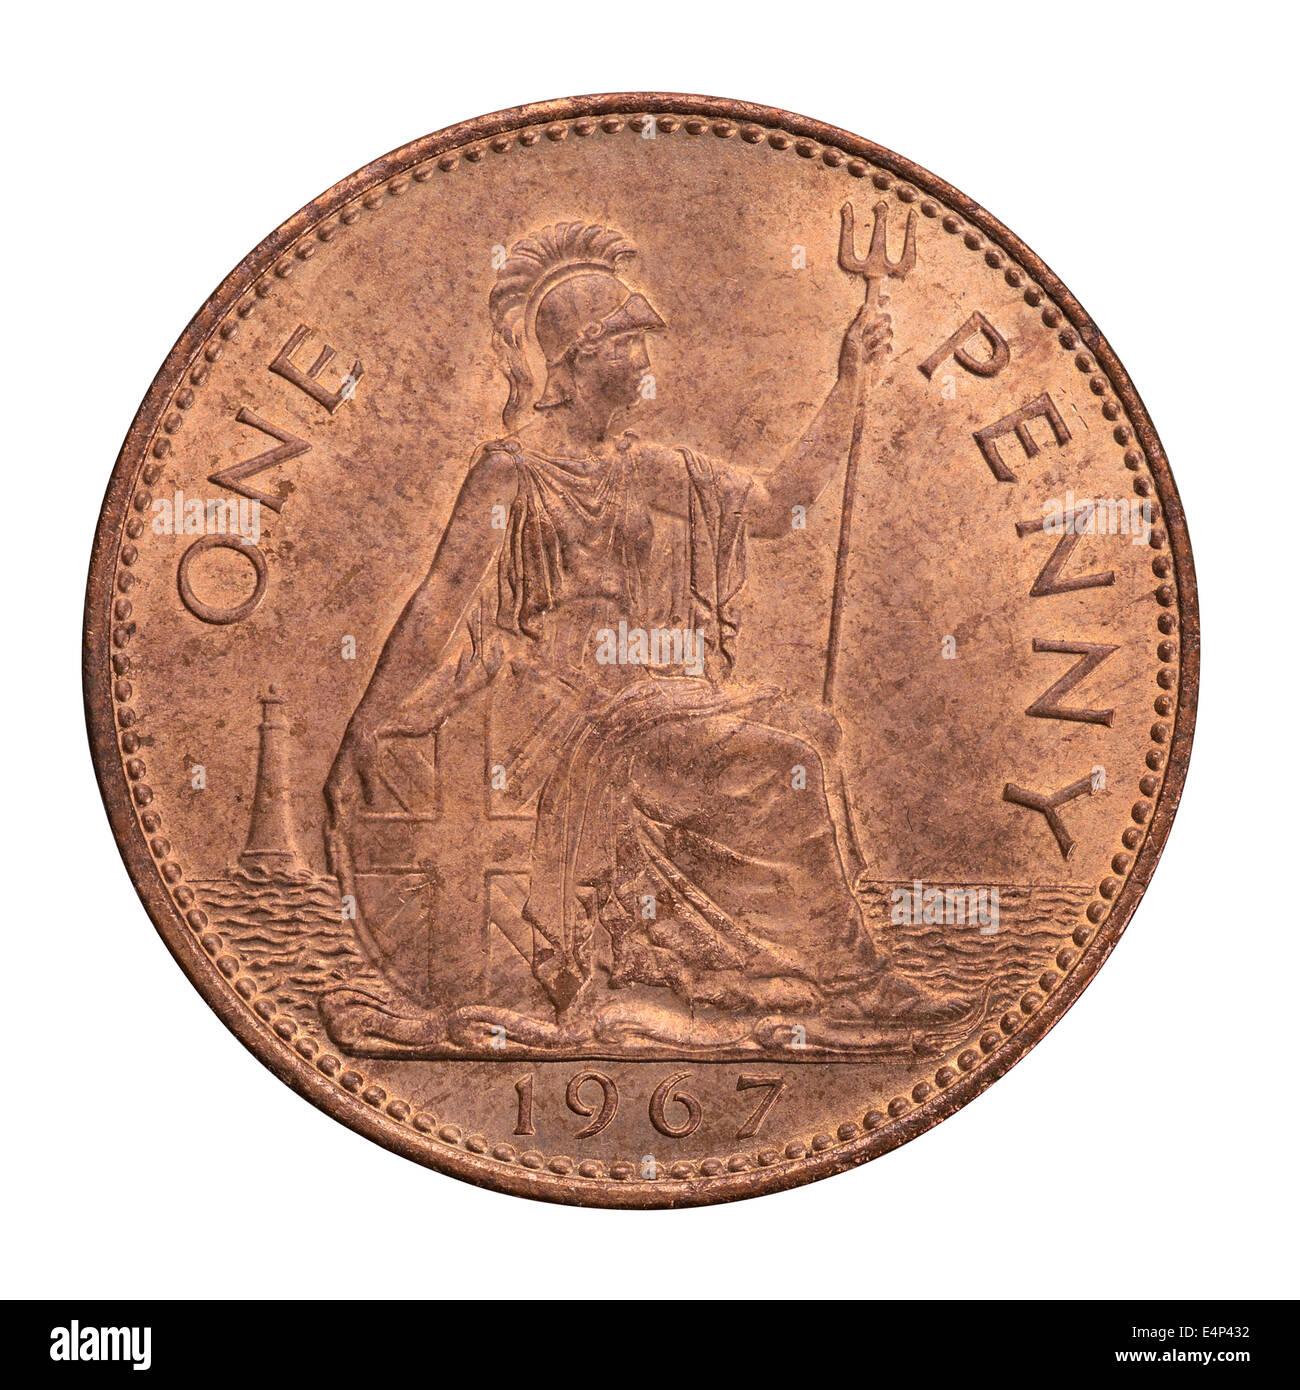 1967 moneda de un centavo británico Imagen De Stock